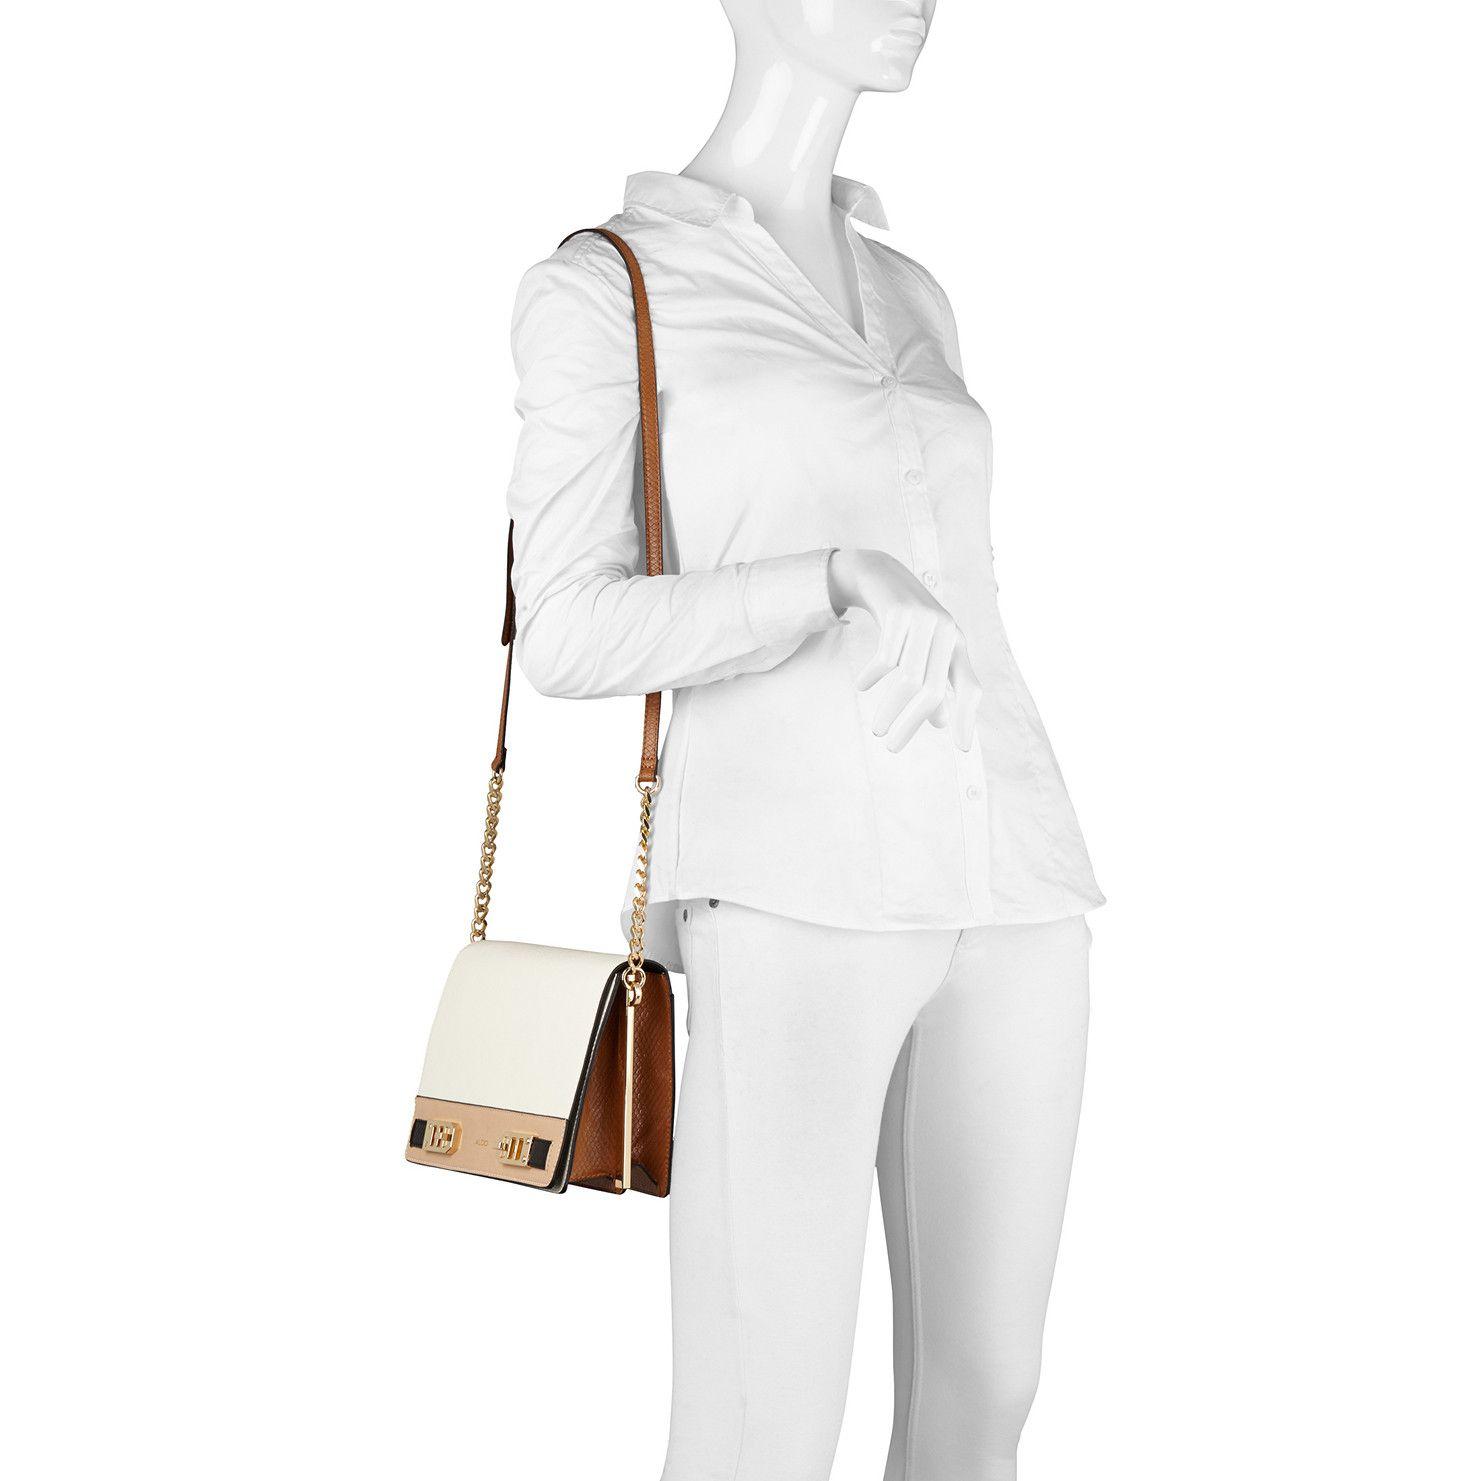 Brerania Bags   ALDOShoes.com